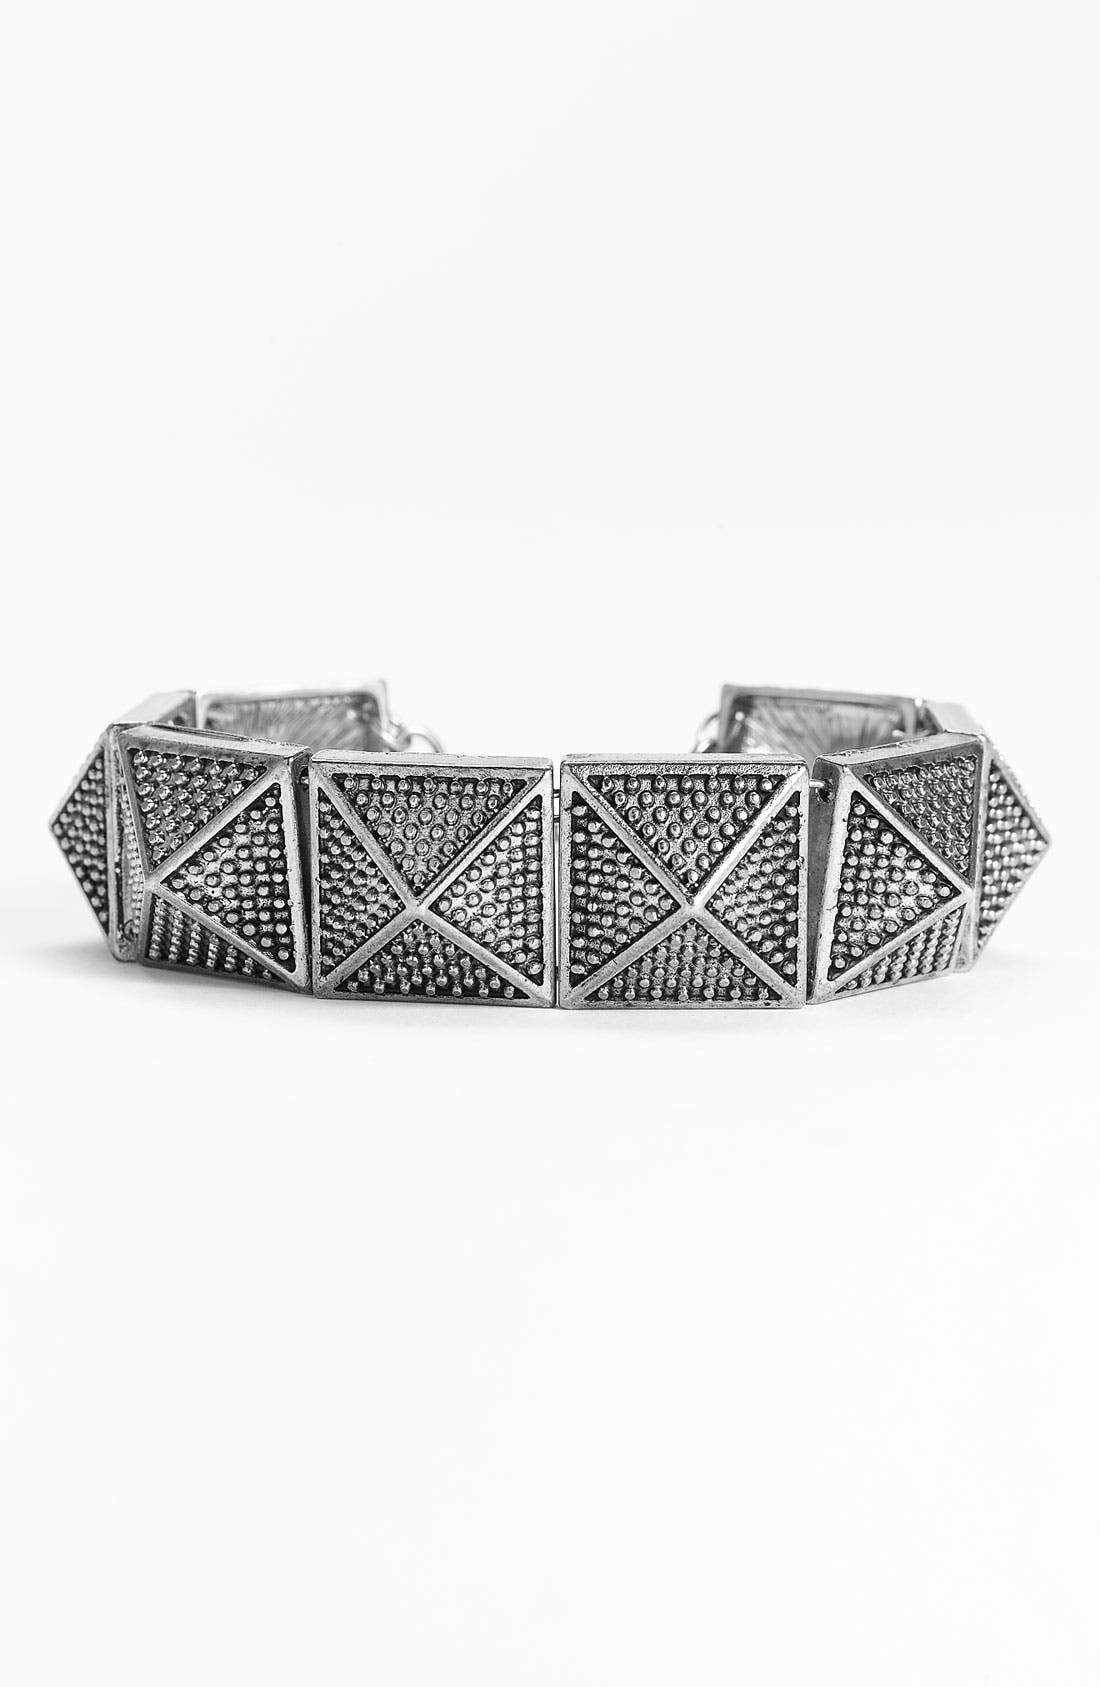 Main Image - Carole Pyramid Studded Bracelet